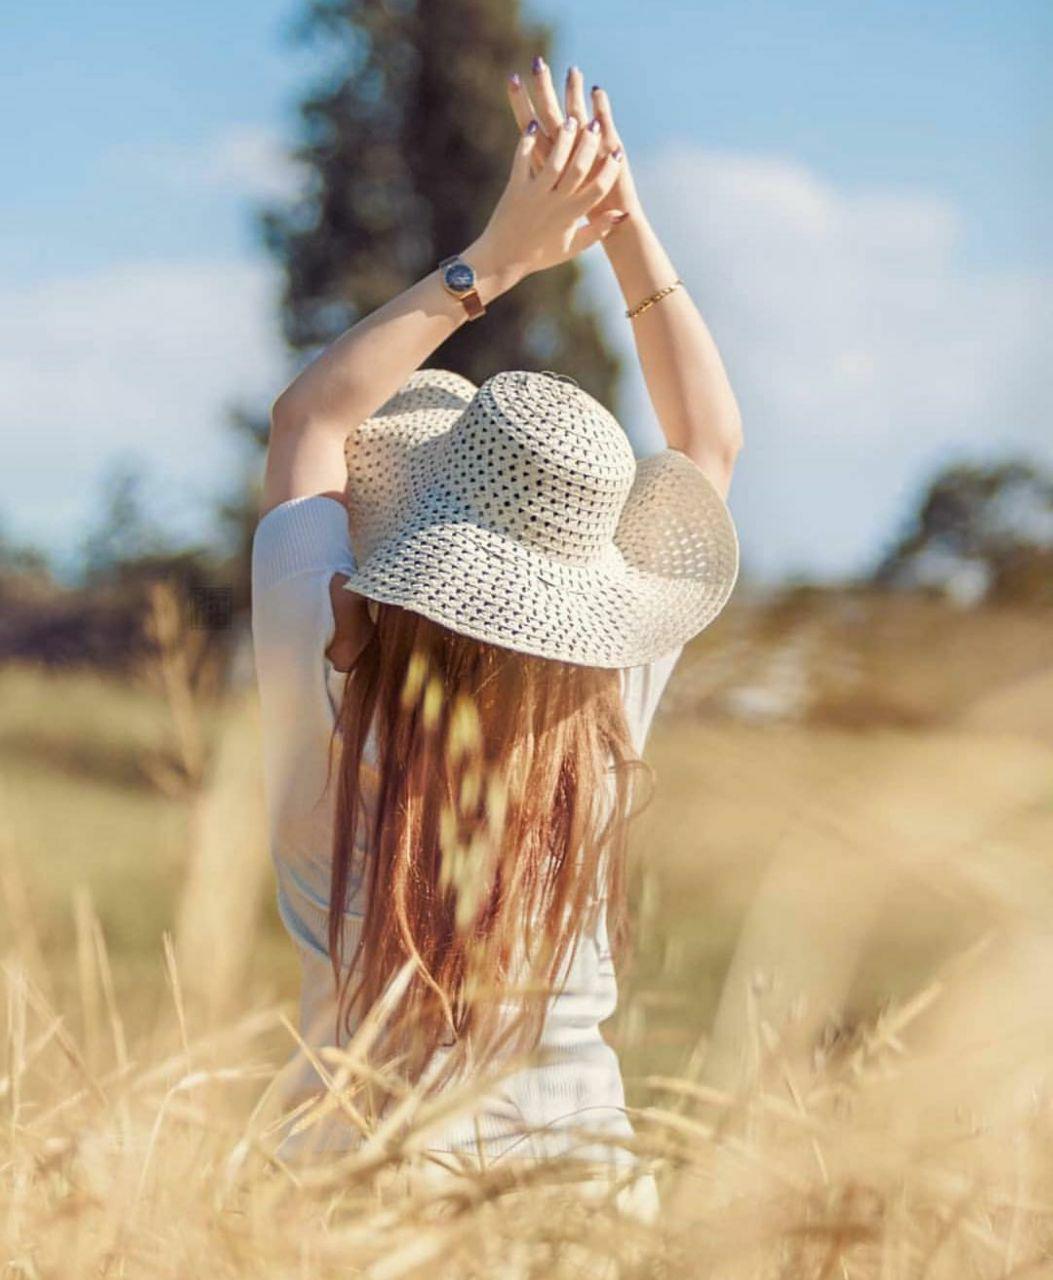 عکس دختر زیبا با موهای بلند